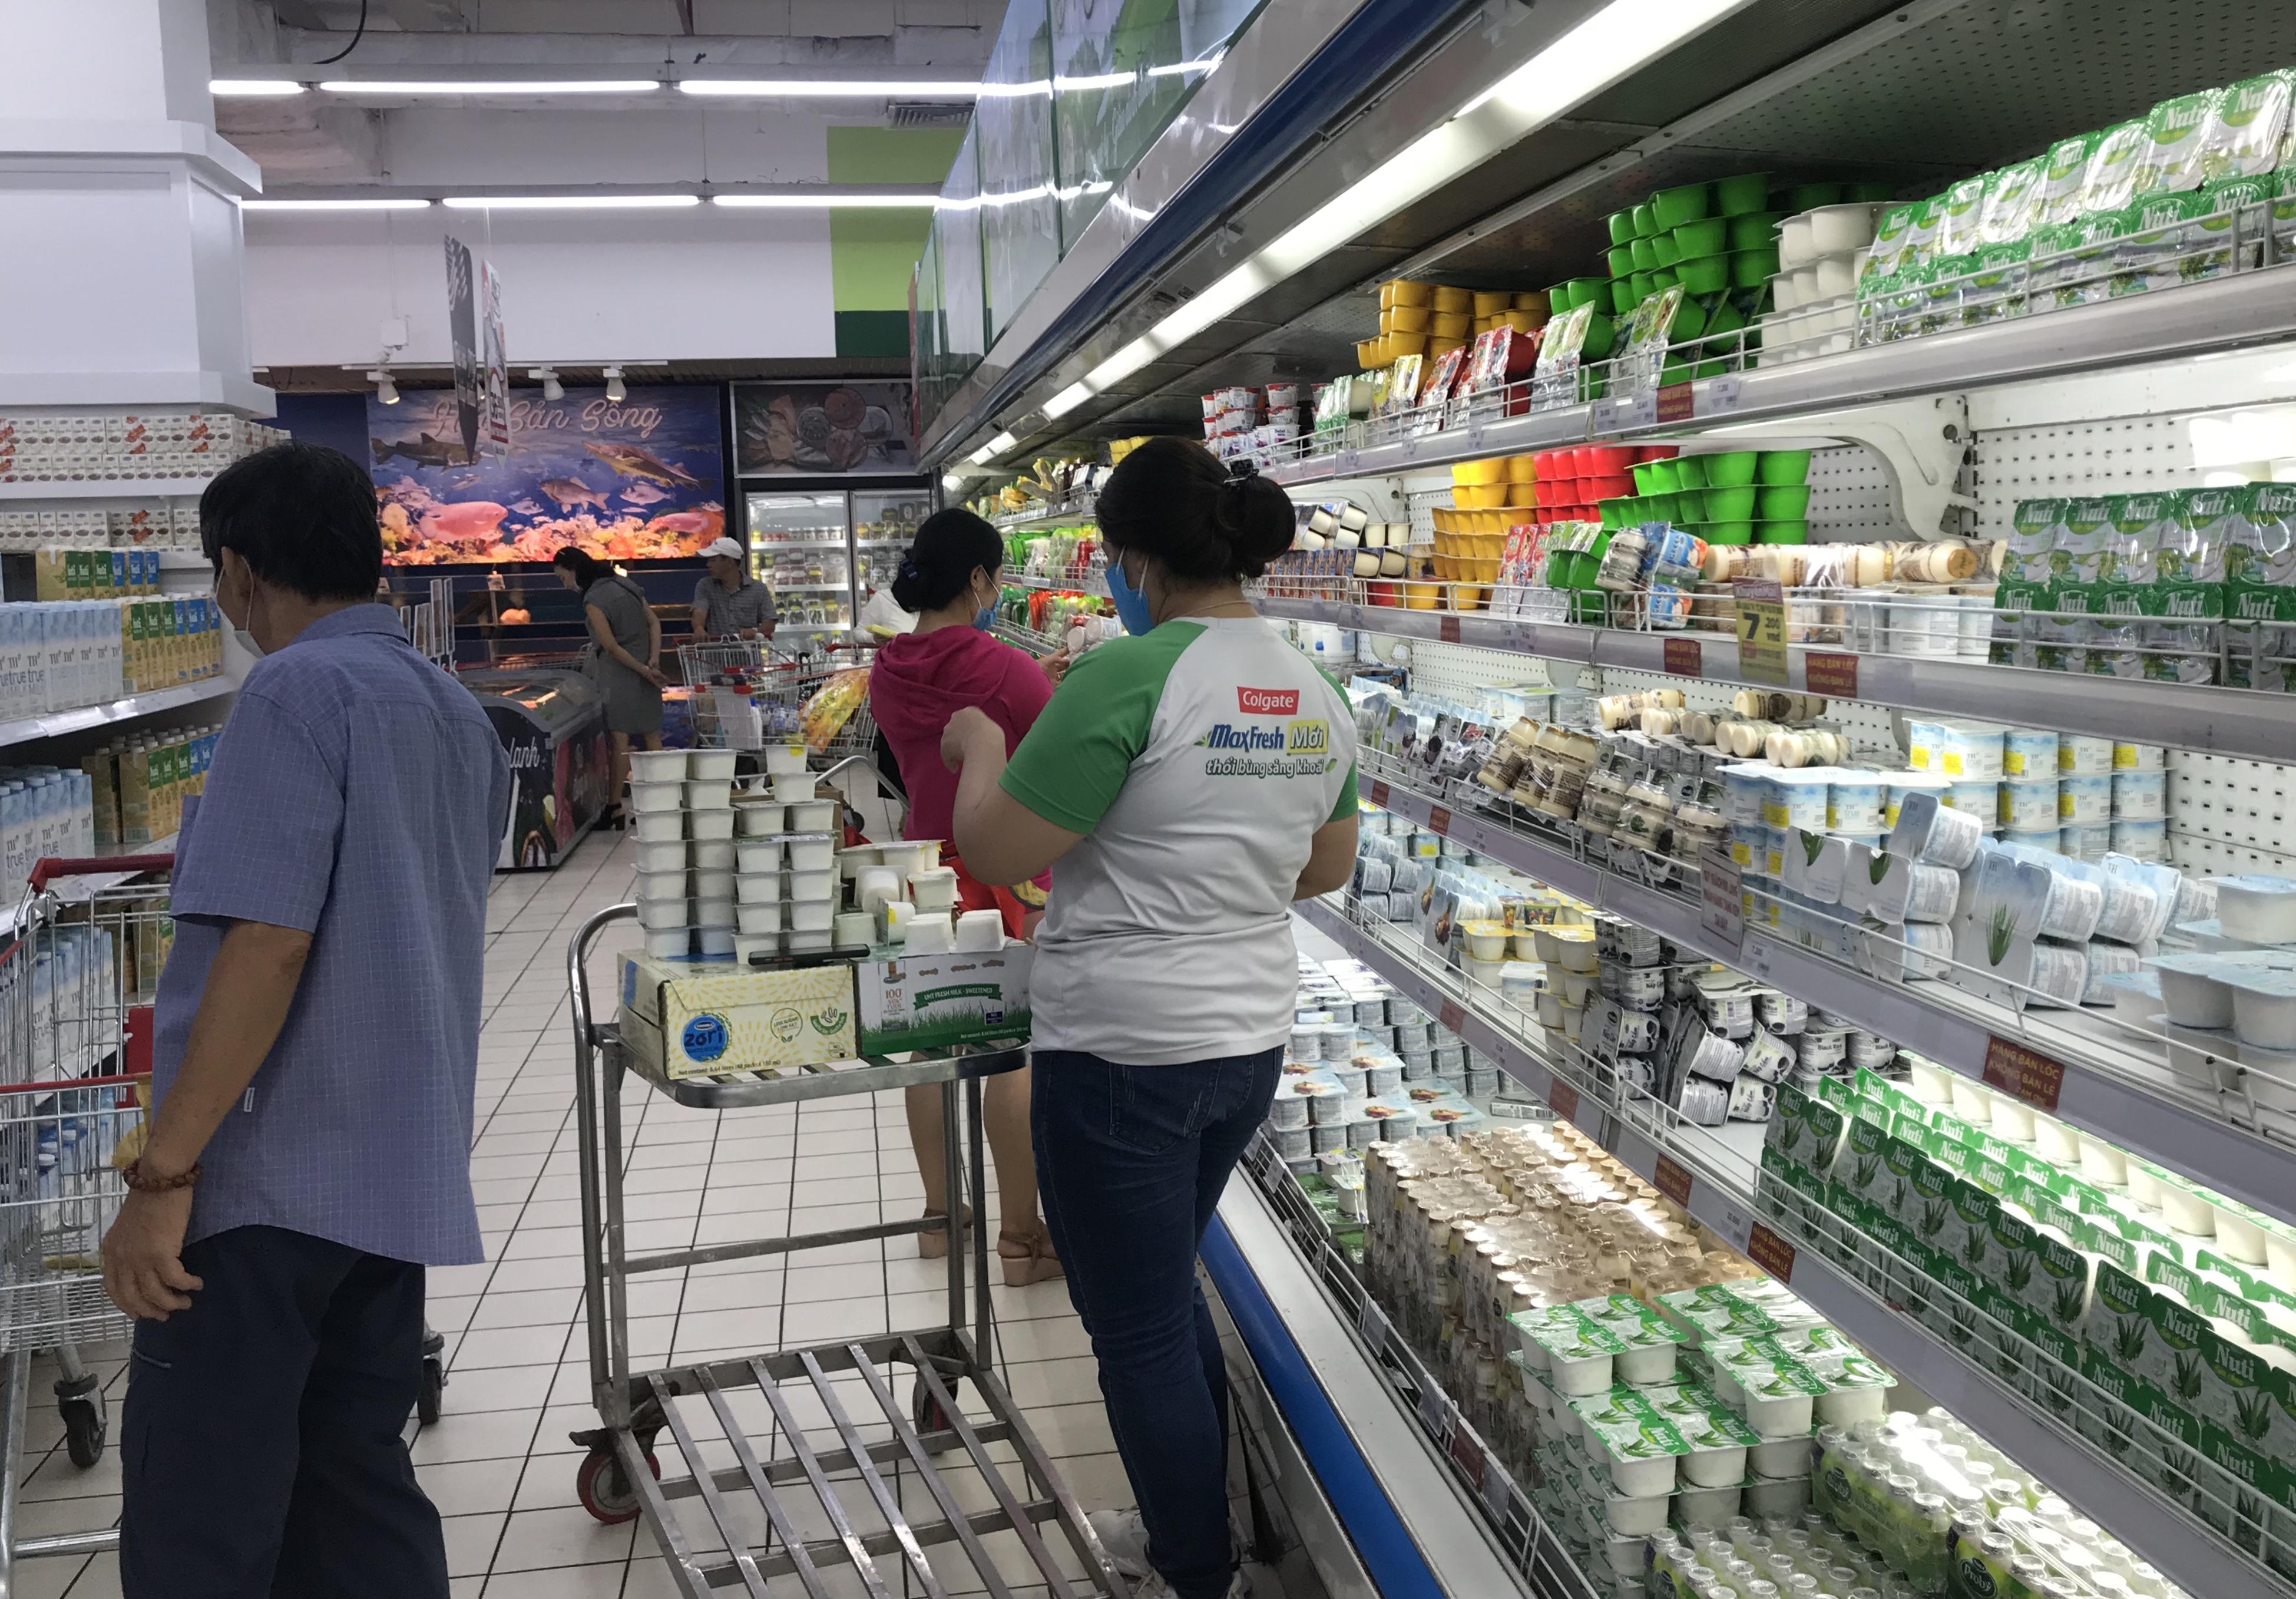 Sắp đóng cửa, Big C miền Đông ồ ạt khuyến mãi, người tiêu dùng lạc trong mê cung hàng giá sốc - Ảnh 14.